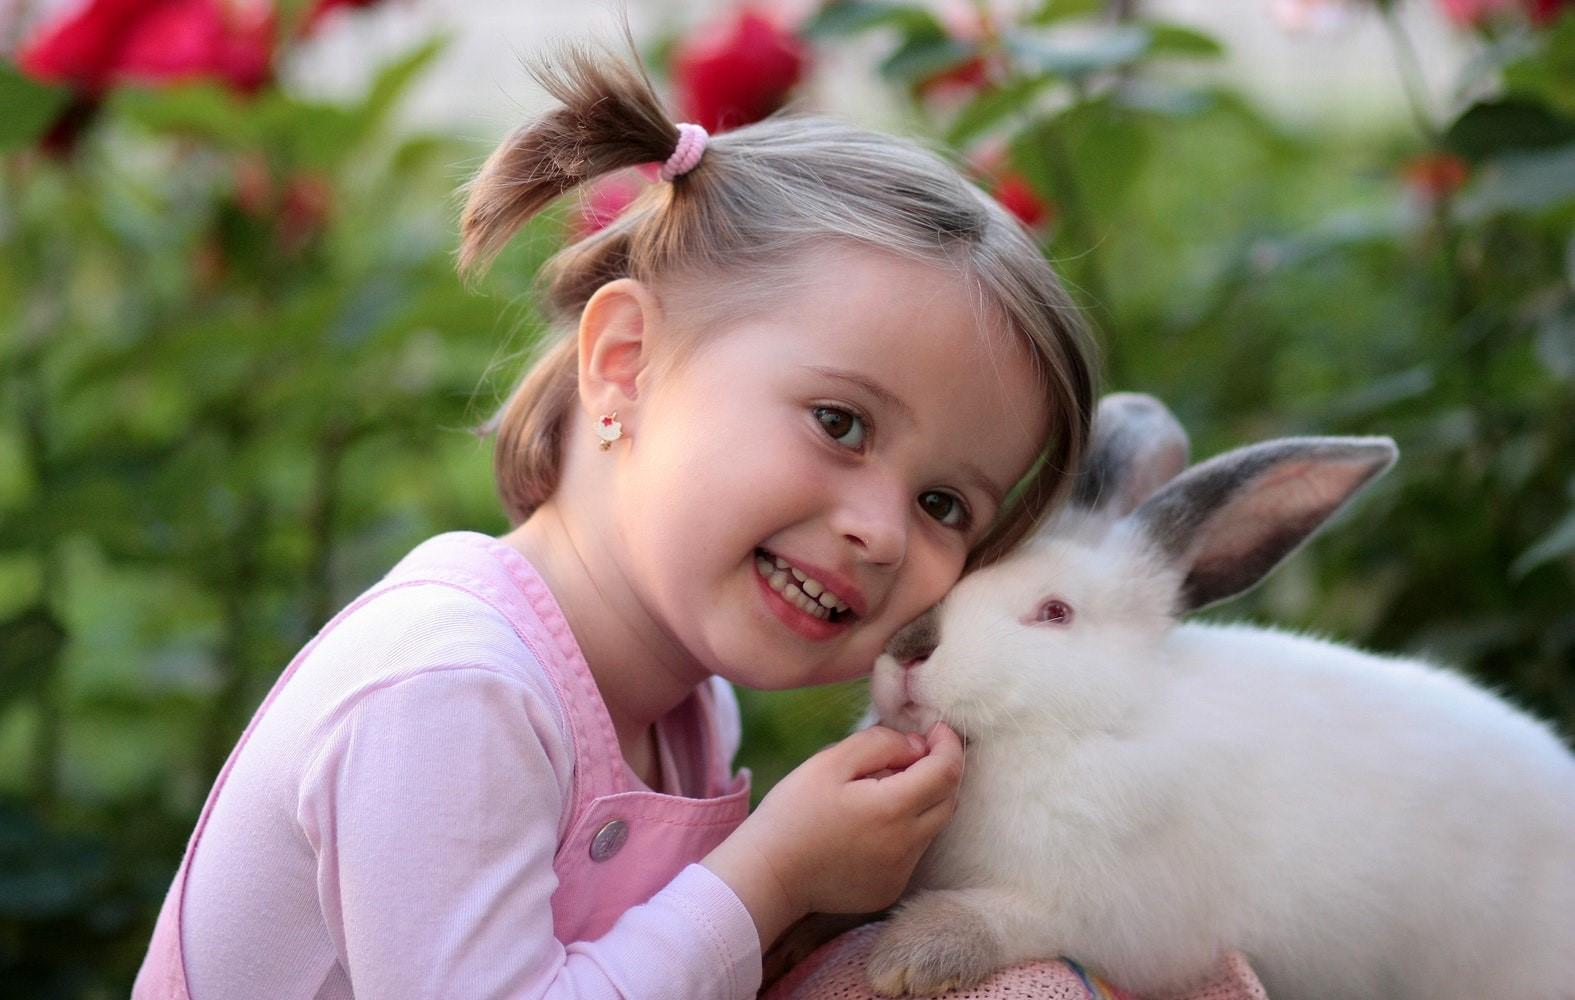 Jangan Anggap Sepele! Gigi Susu Berlubang Bisa Berbahaya bagi Si Kecil